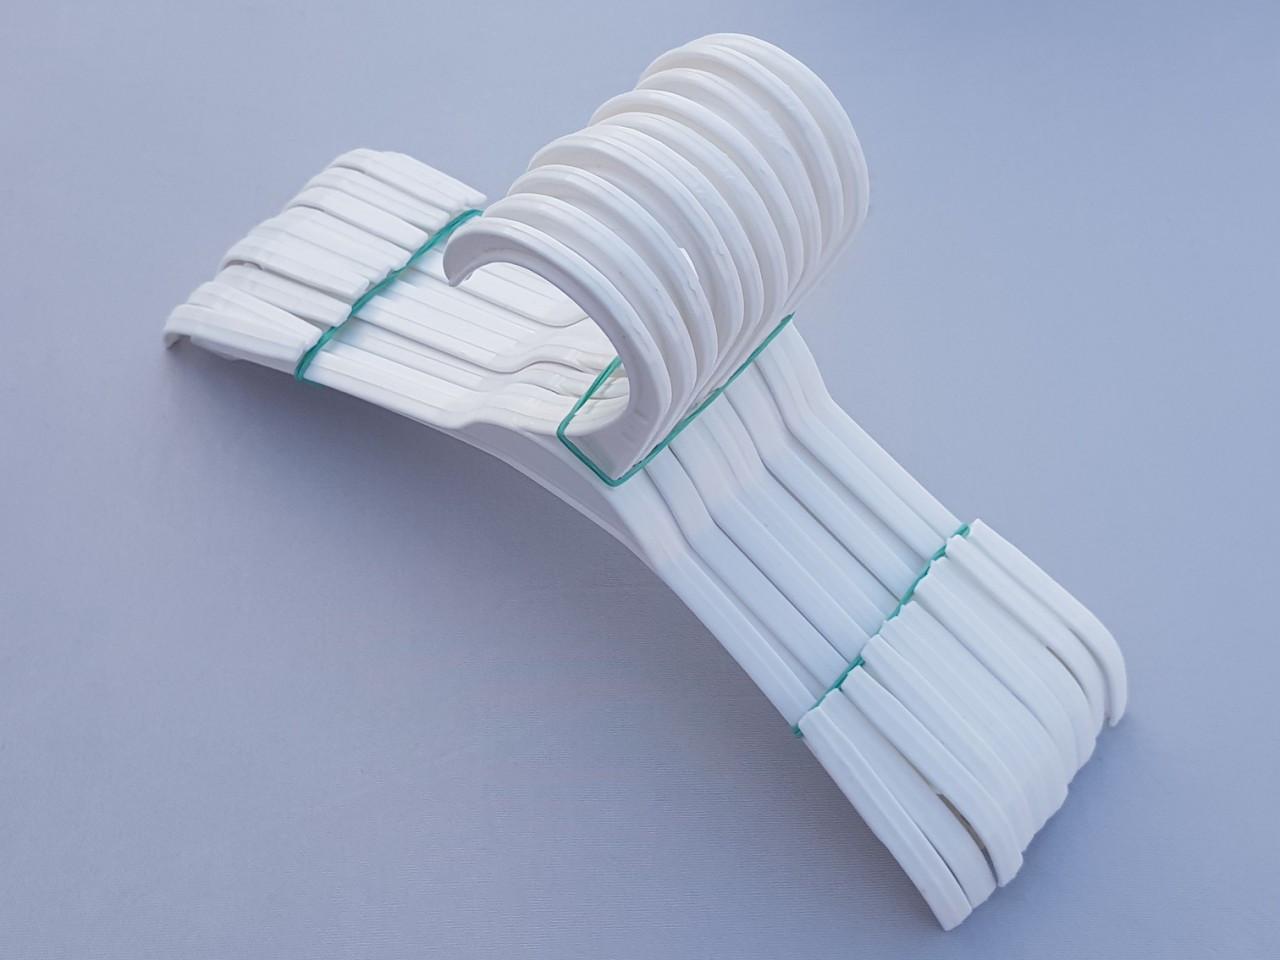 Длина 26 см. Плечики детские пластмассовые V-V26 белого цвета, 10 штук в упаковке